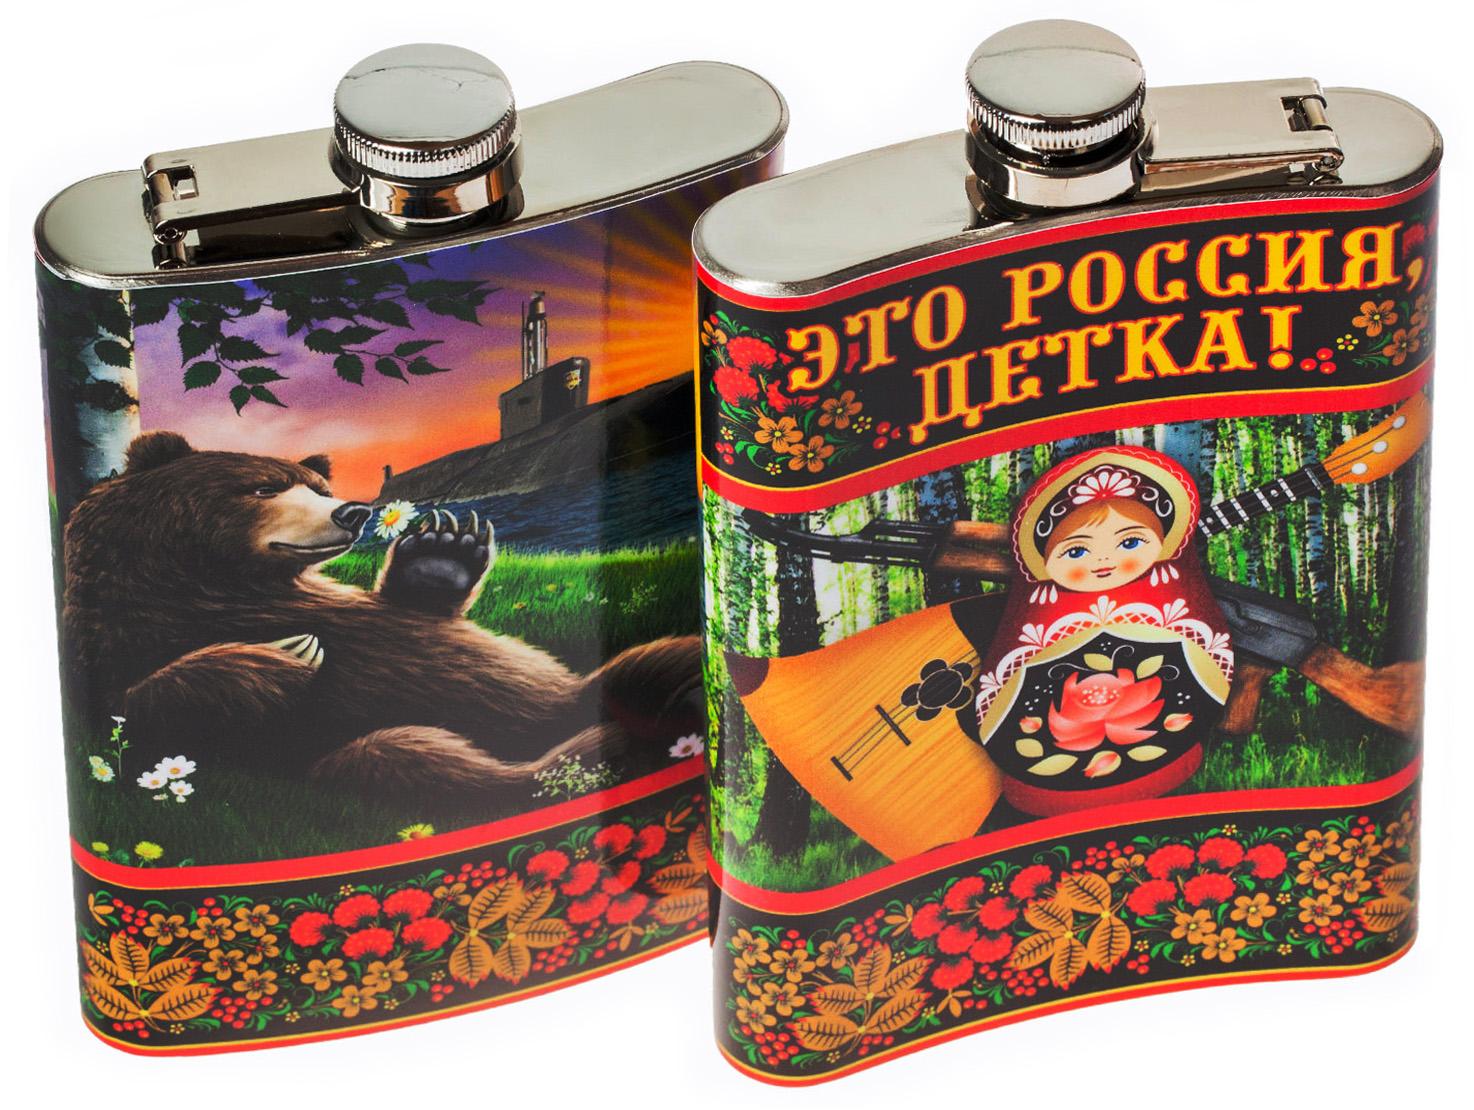 """Купить фляжку """"Это Россия"""" с доставкой от Военпро"""